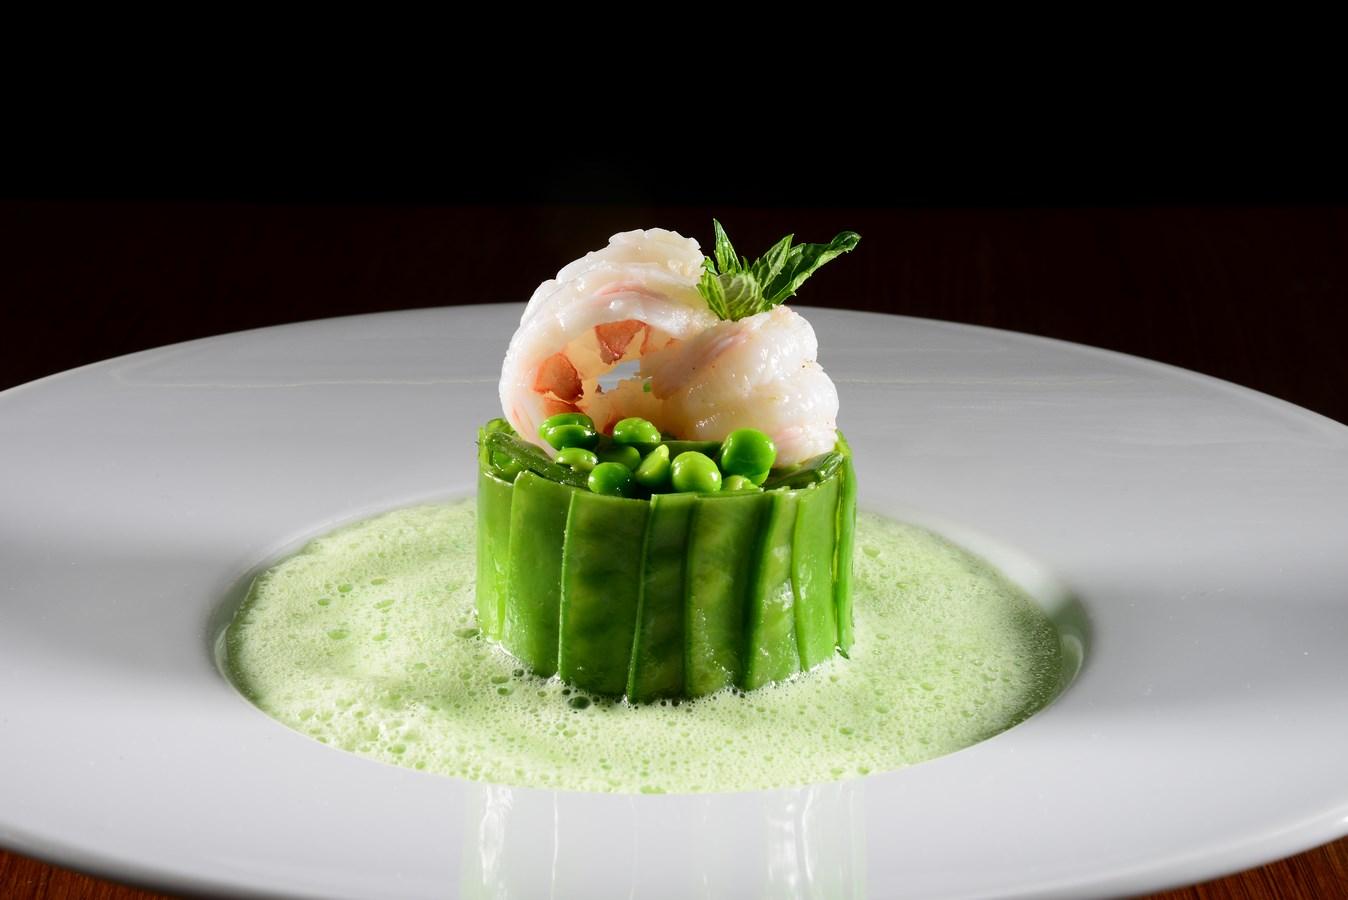 cuisine legere Geneve